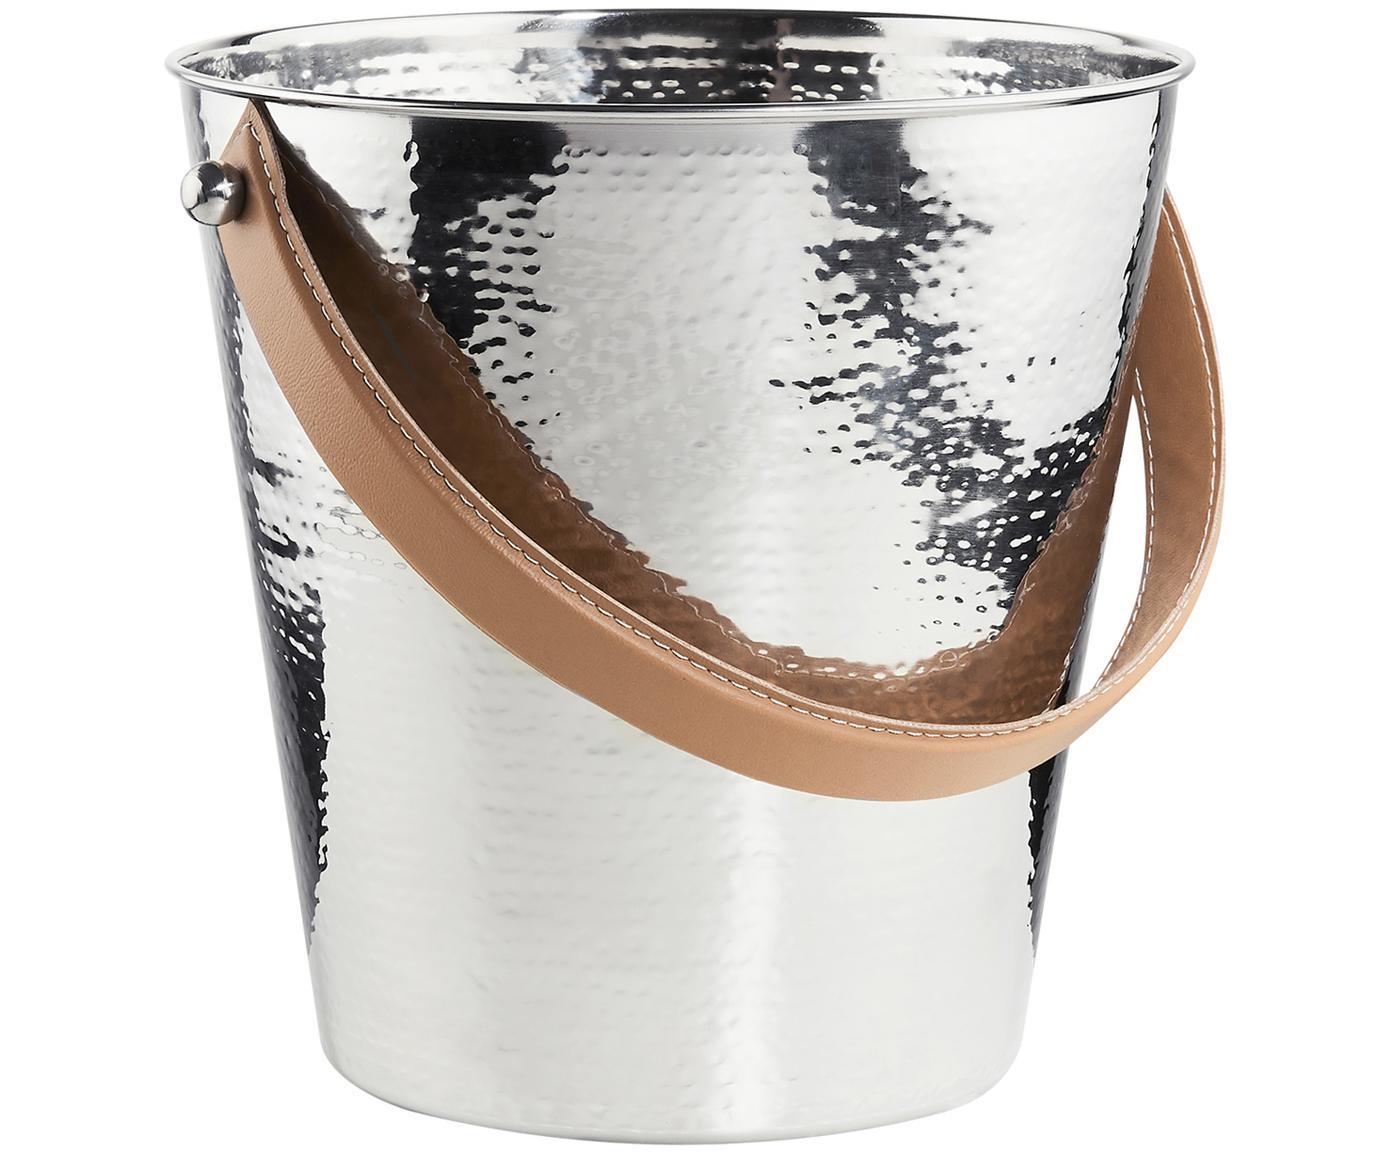 Flaschenkühler Lord in Silber, Griff: Kunstleder, Edelstahl, Ø 24 x H 24 cm